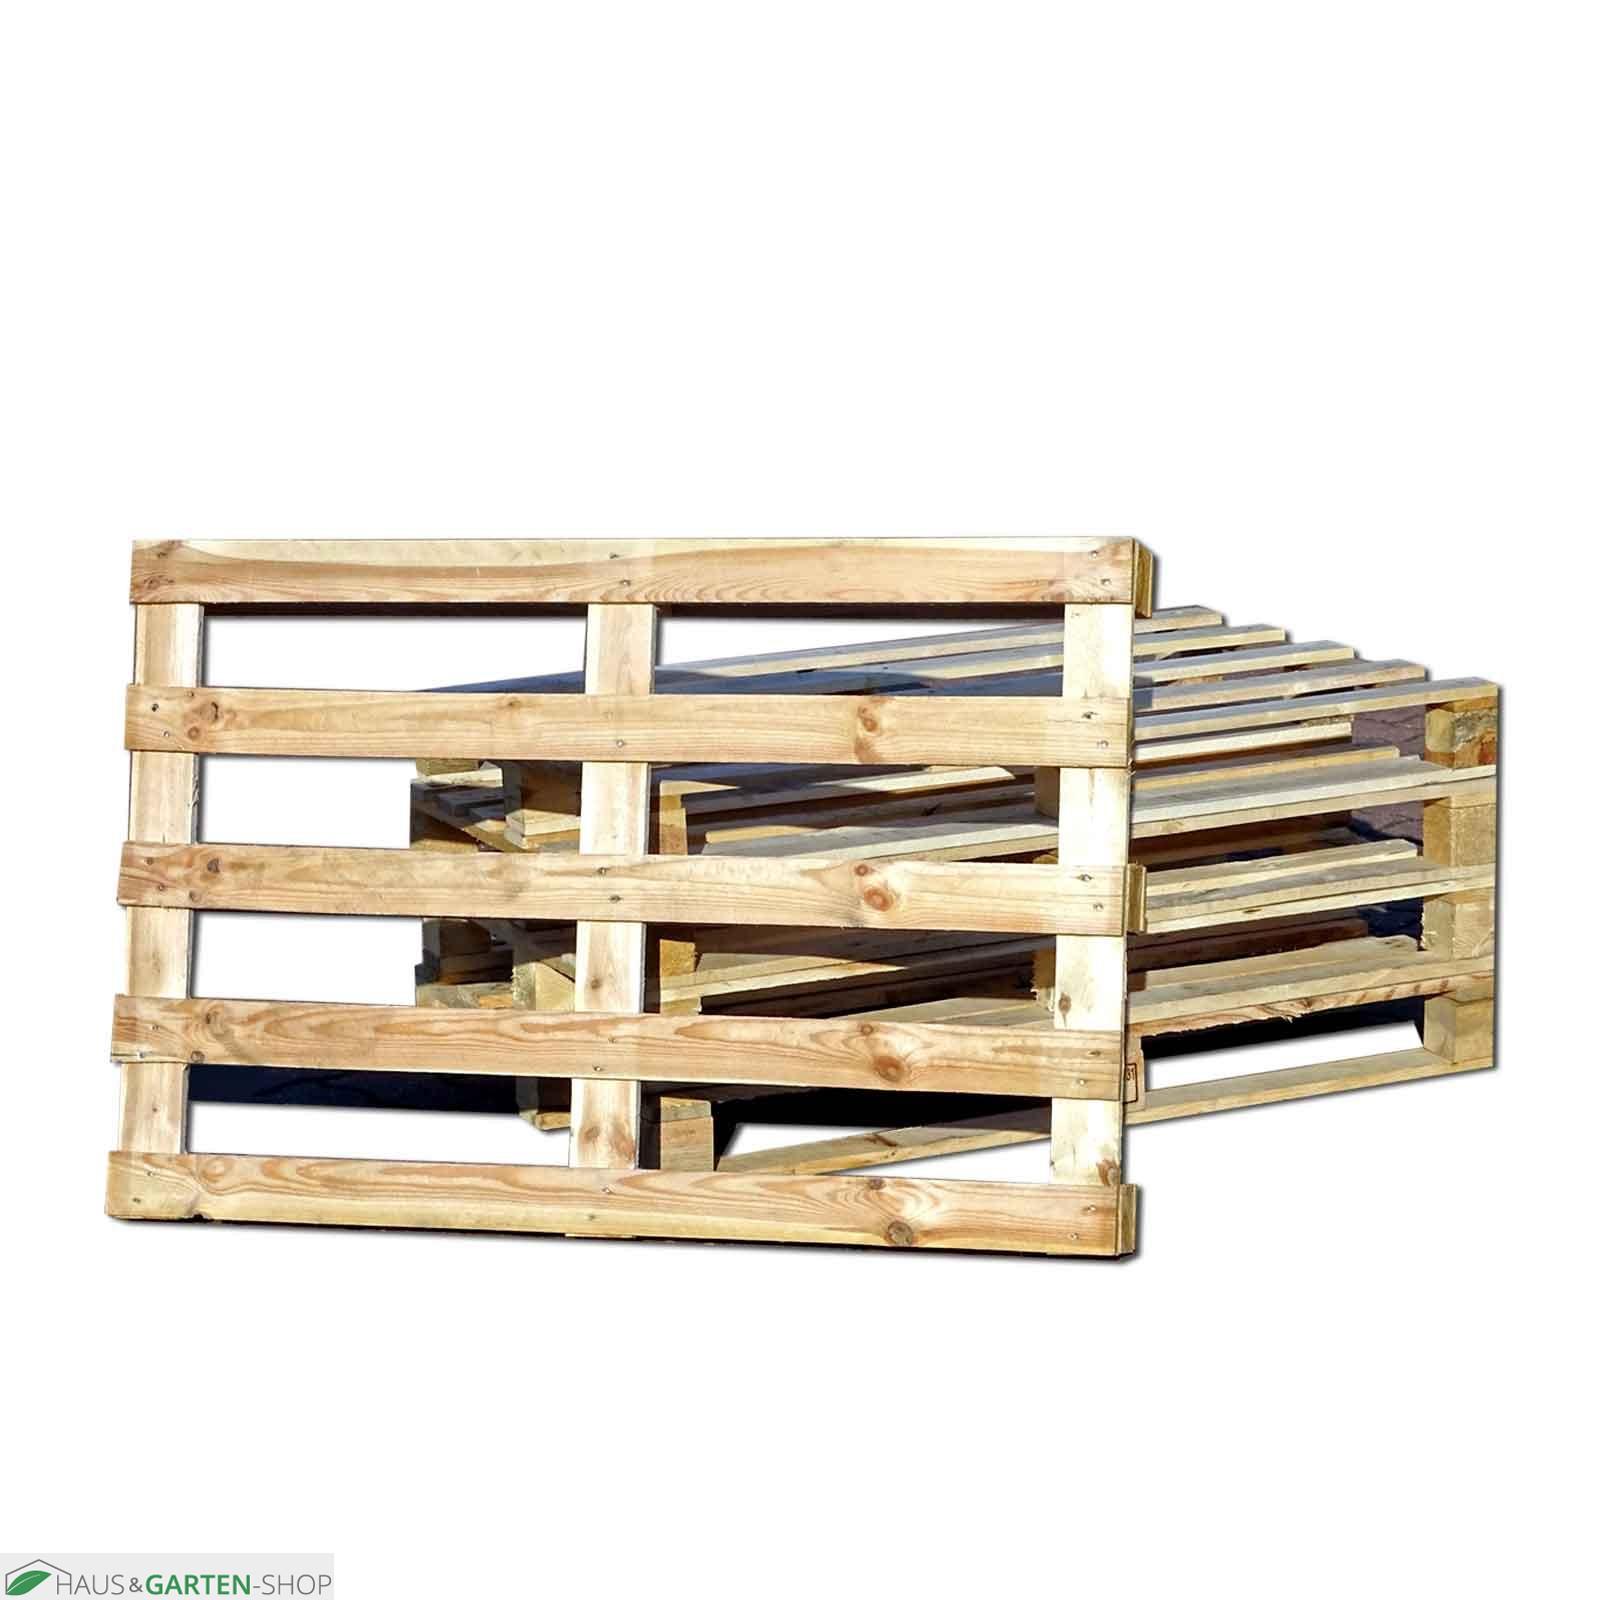 Garten- und Terrassendesign mit Gartenmöbeln aus Einwegpaletten